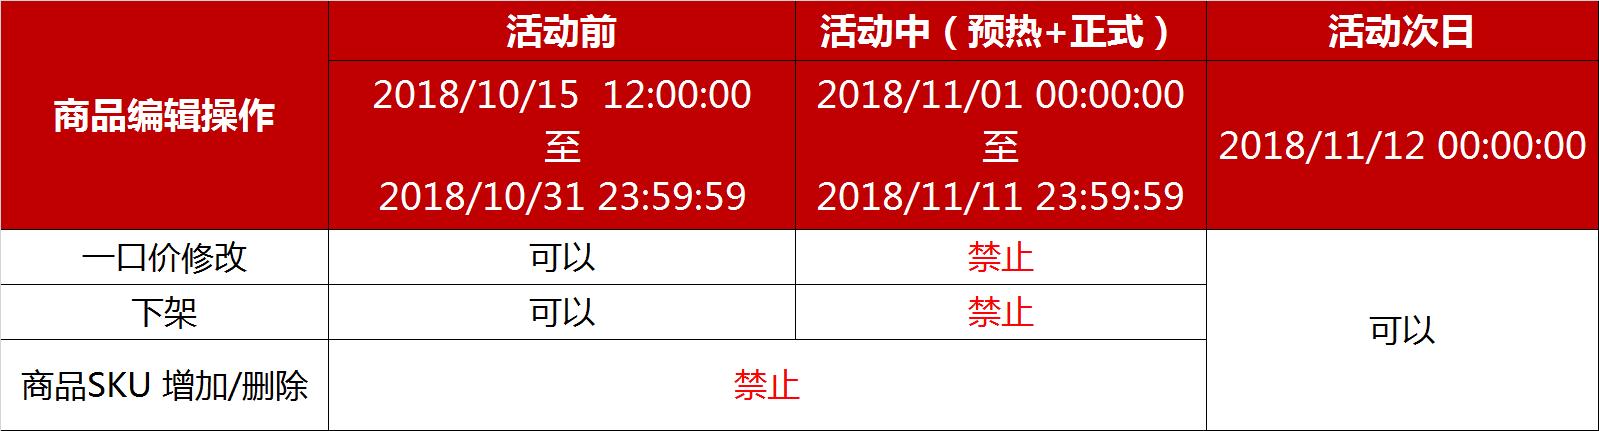 天猫双十一活动商品编辑操作时间段说明